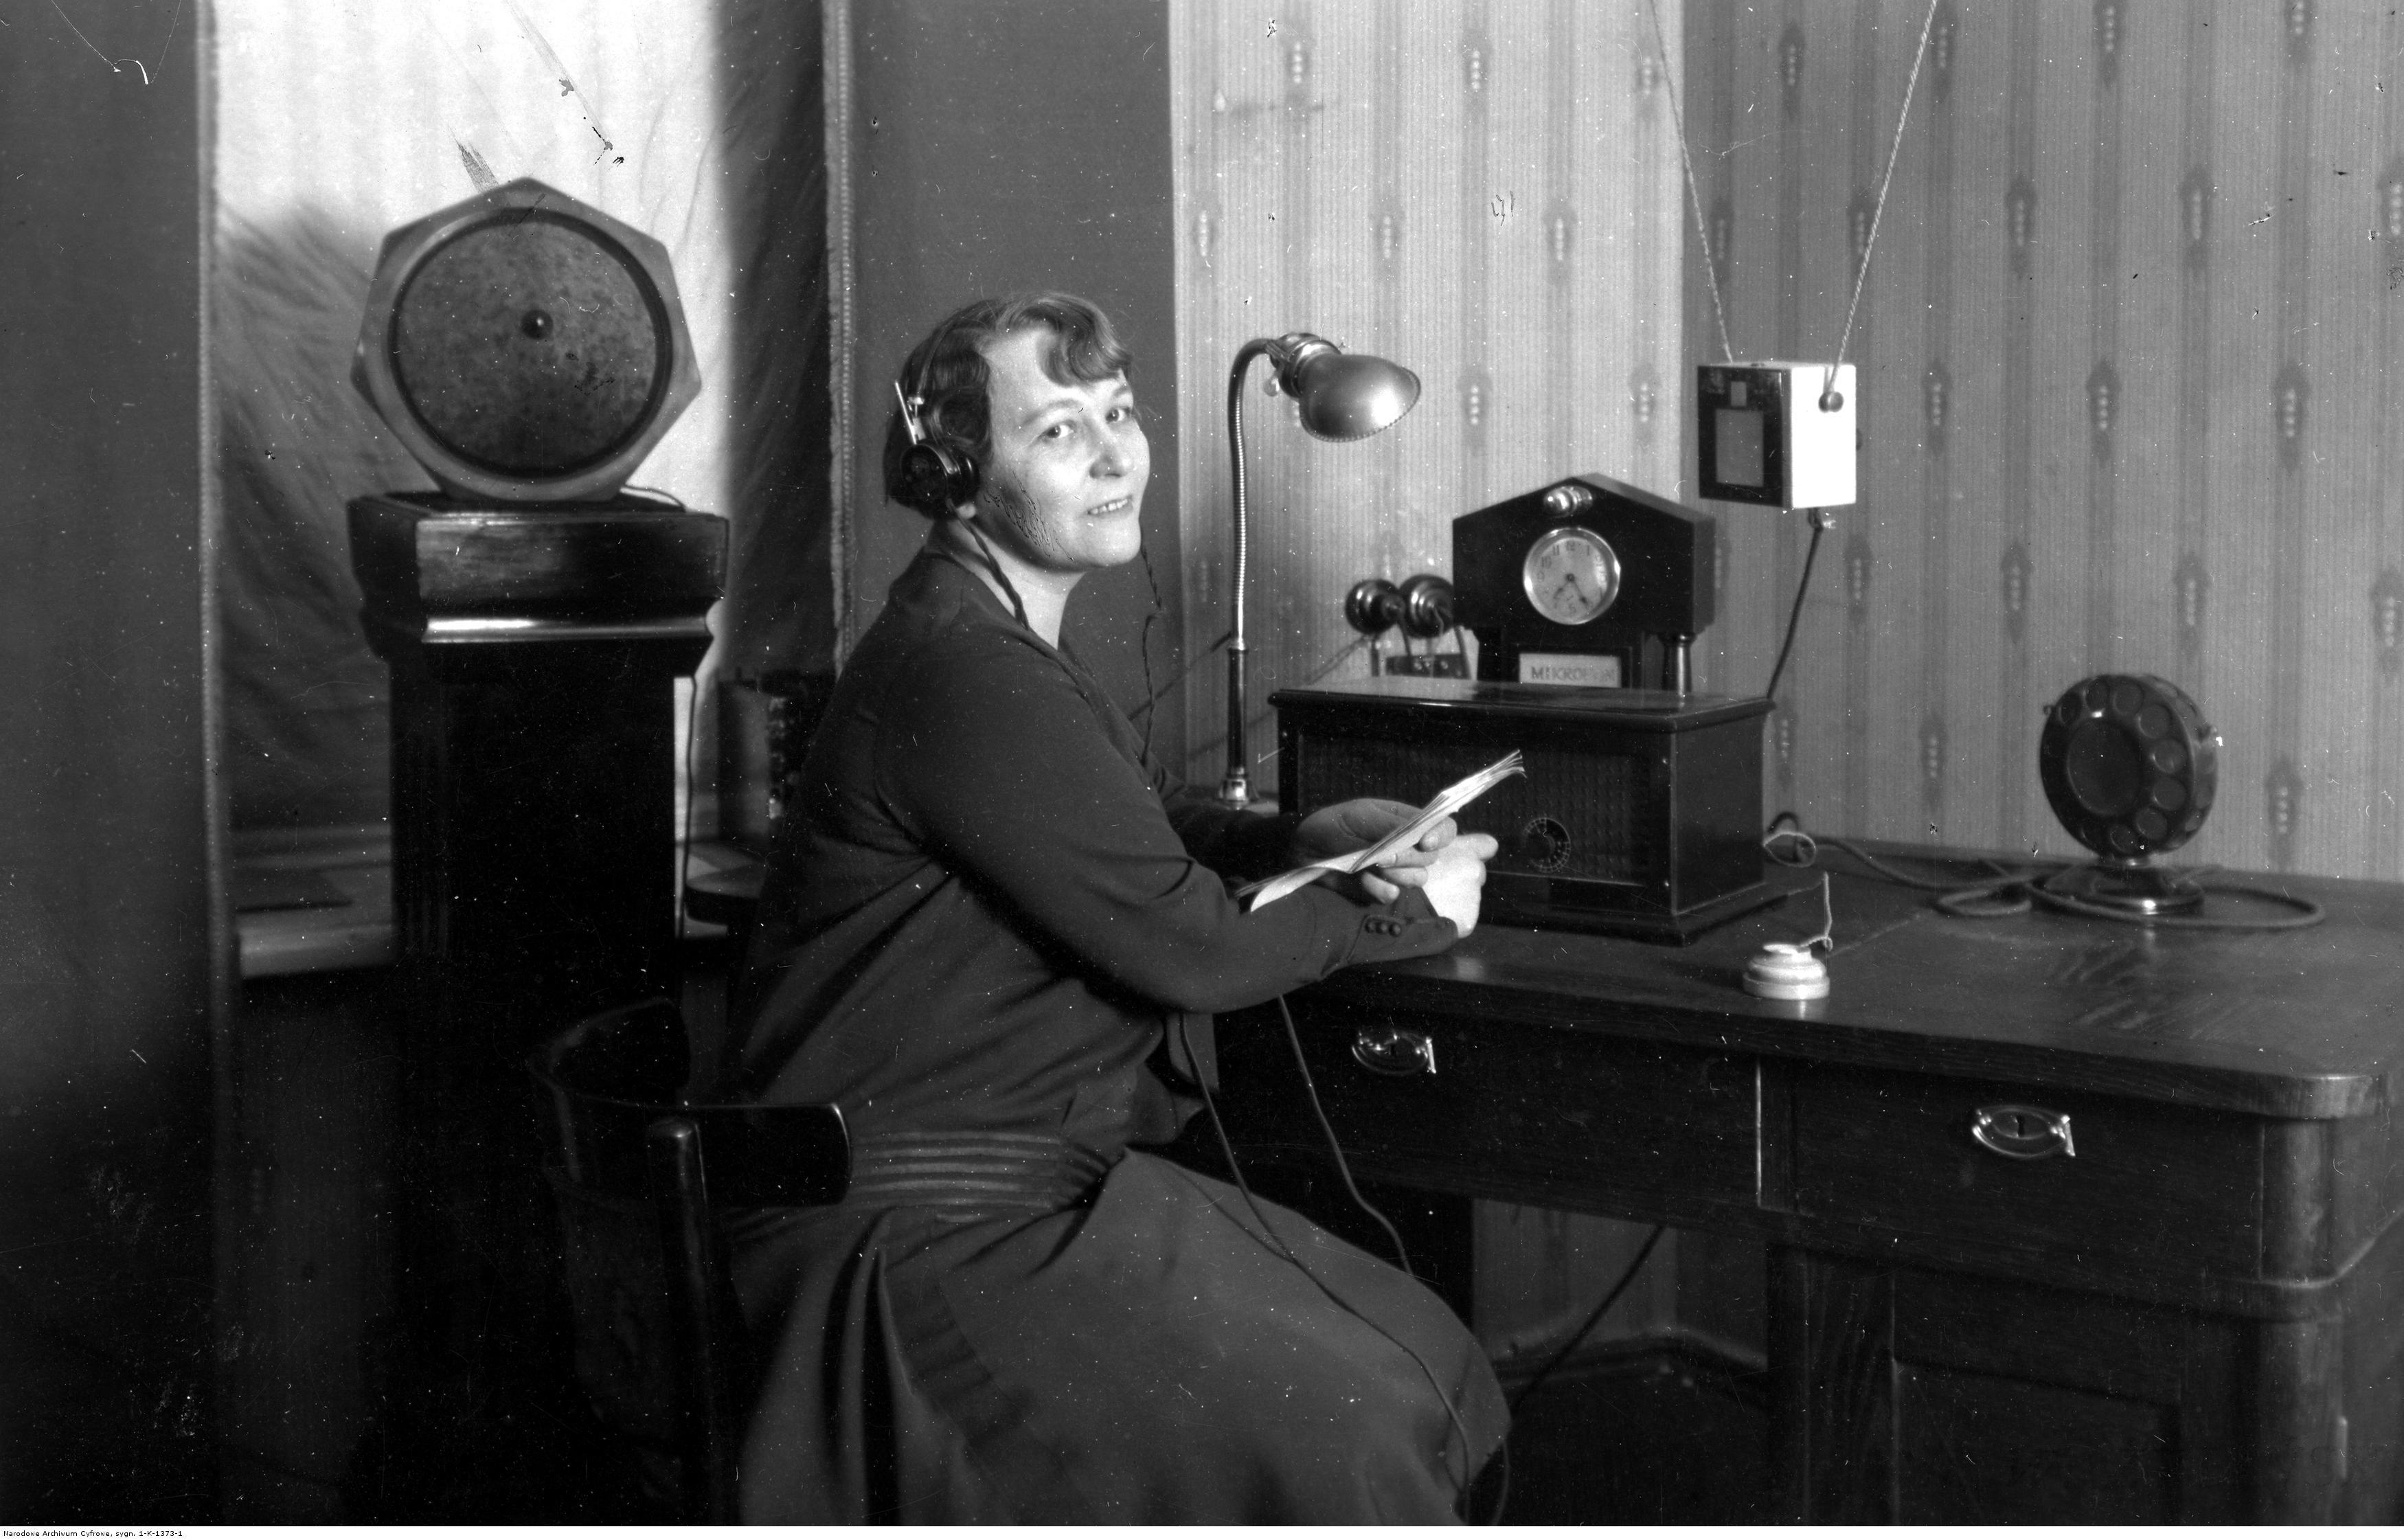 Rozgłośnia w Wilnie, 1929. Na zdjęciu Halina Hohendlinger z personelu rozgłośni. Fot. Żyliński Wacław(ze zbiorówNAC)